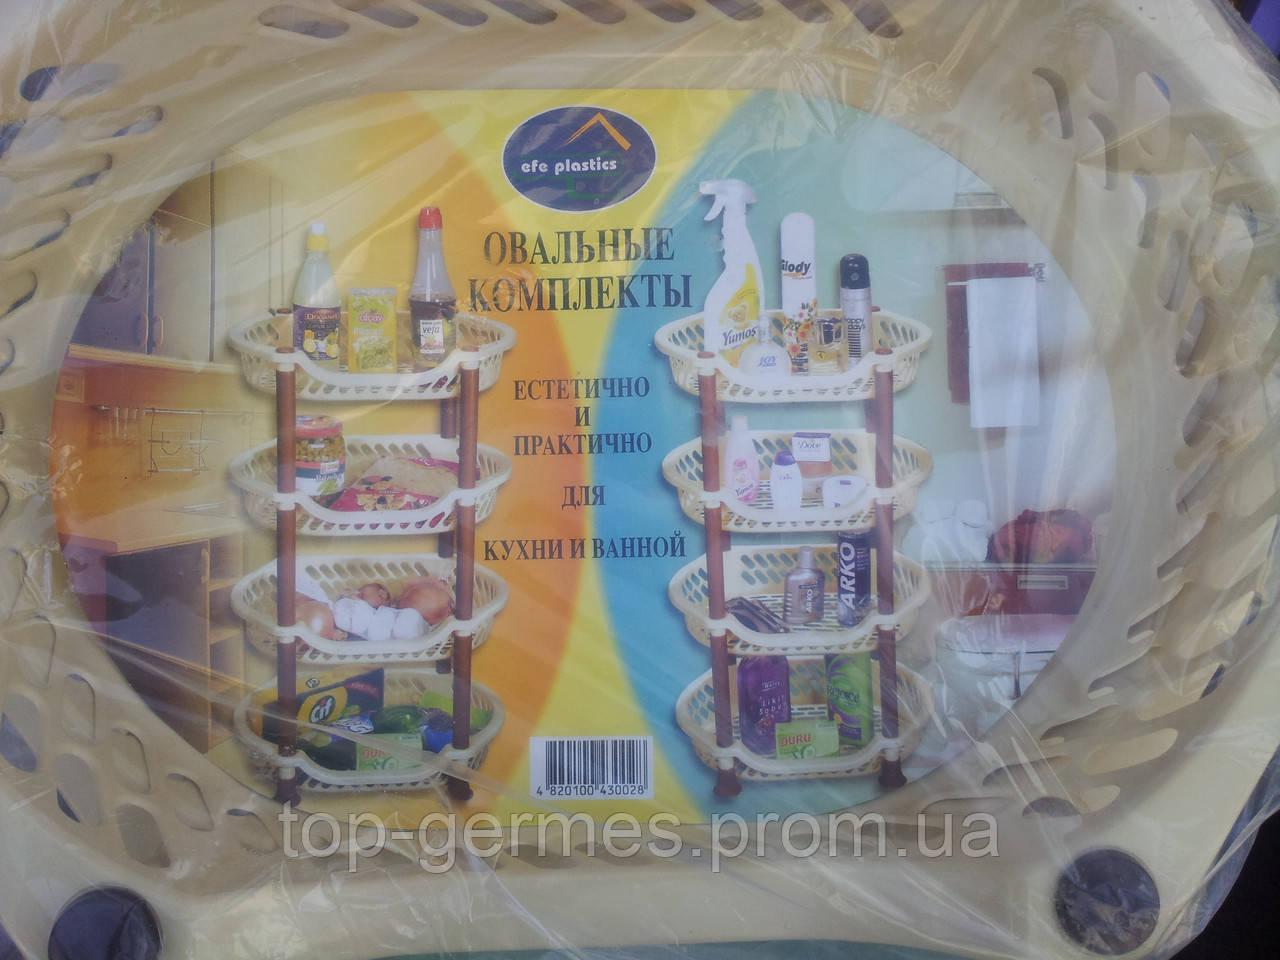 Пластиковая 4 ярусная полка в ваннуюкомнату либо на кухню